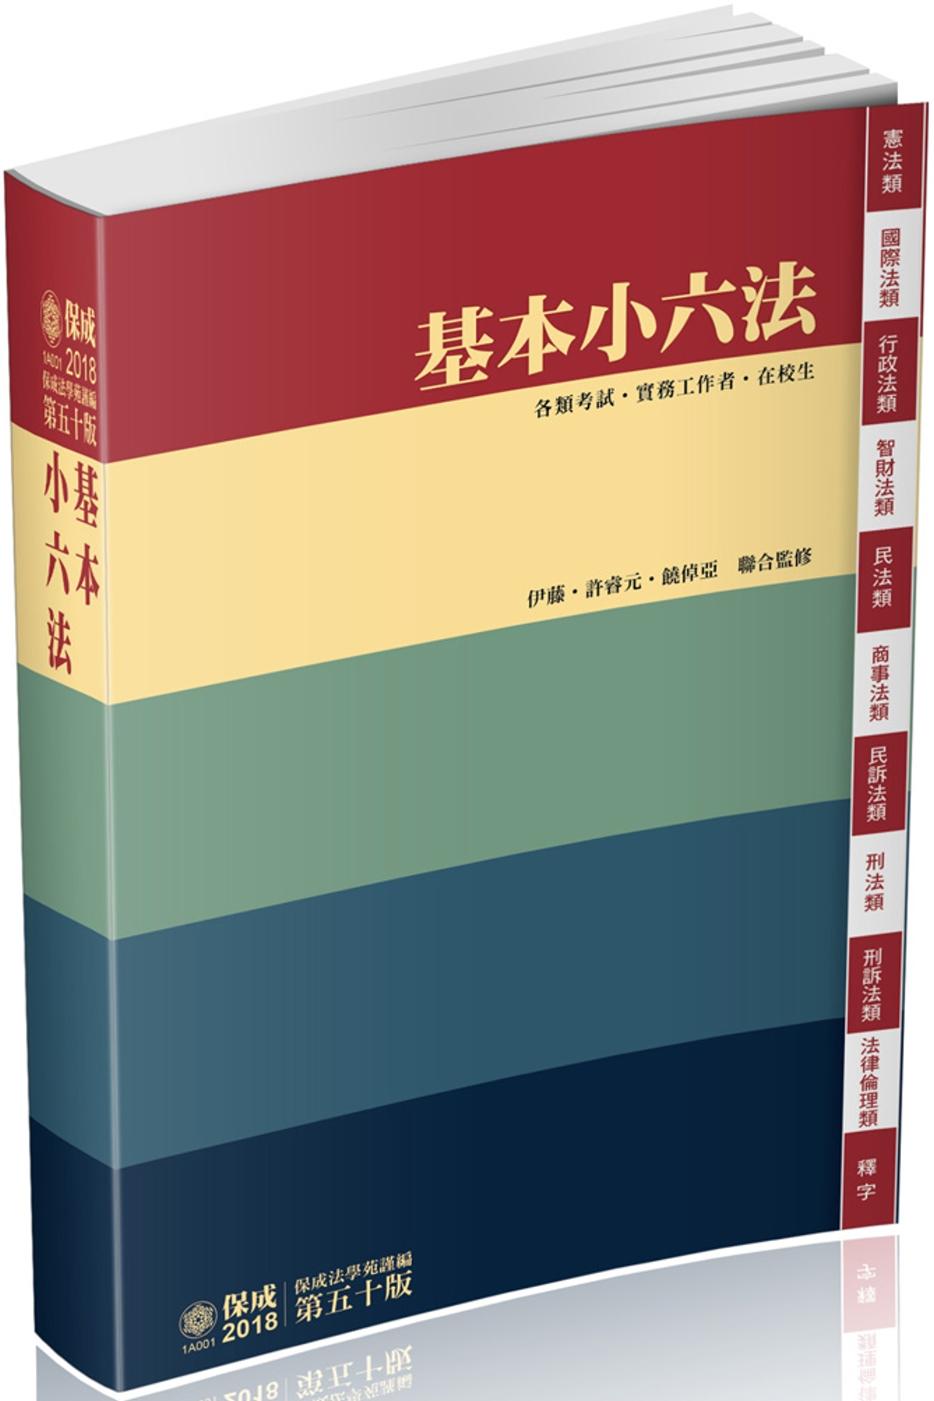 基本小六法-50版-2018法律工具書系列<保成>(五十版)